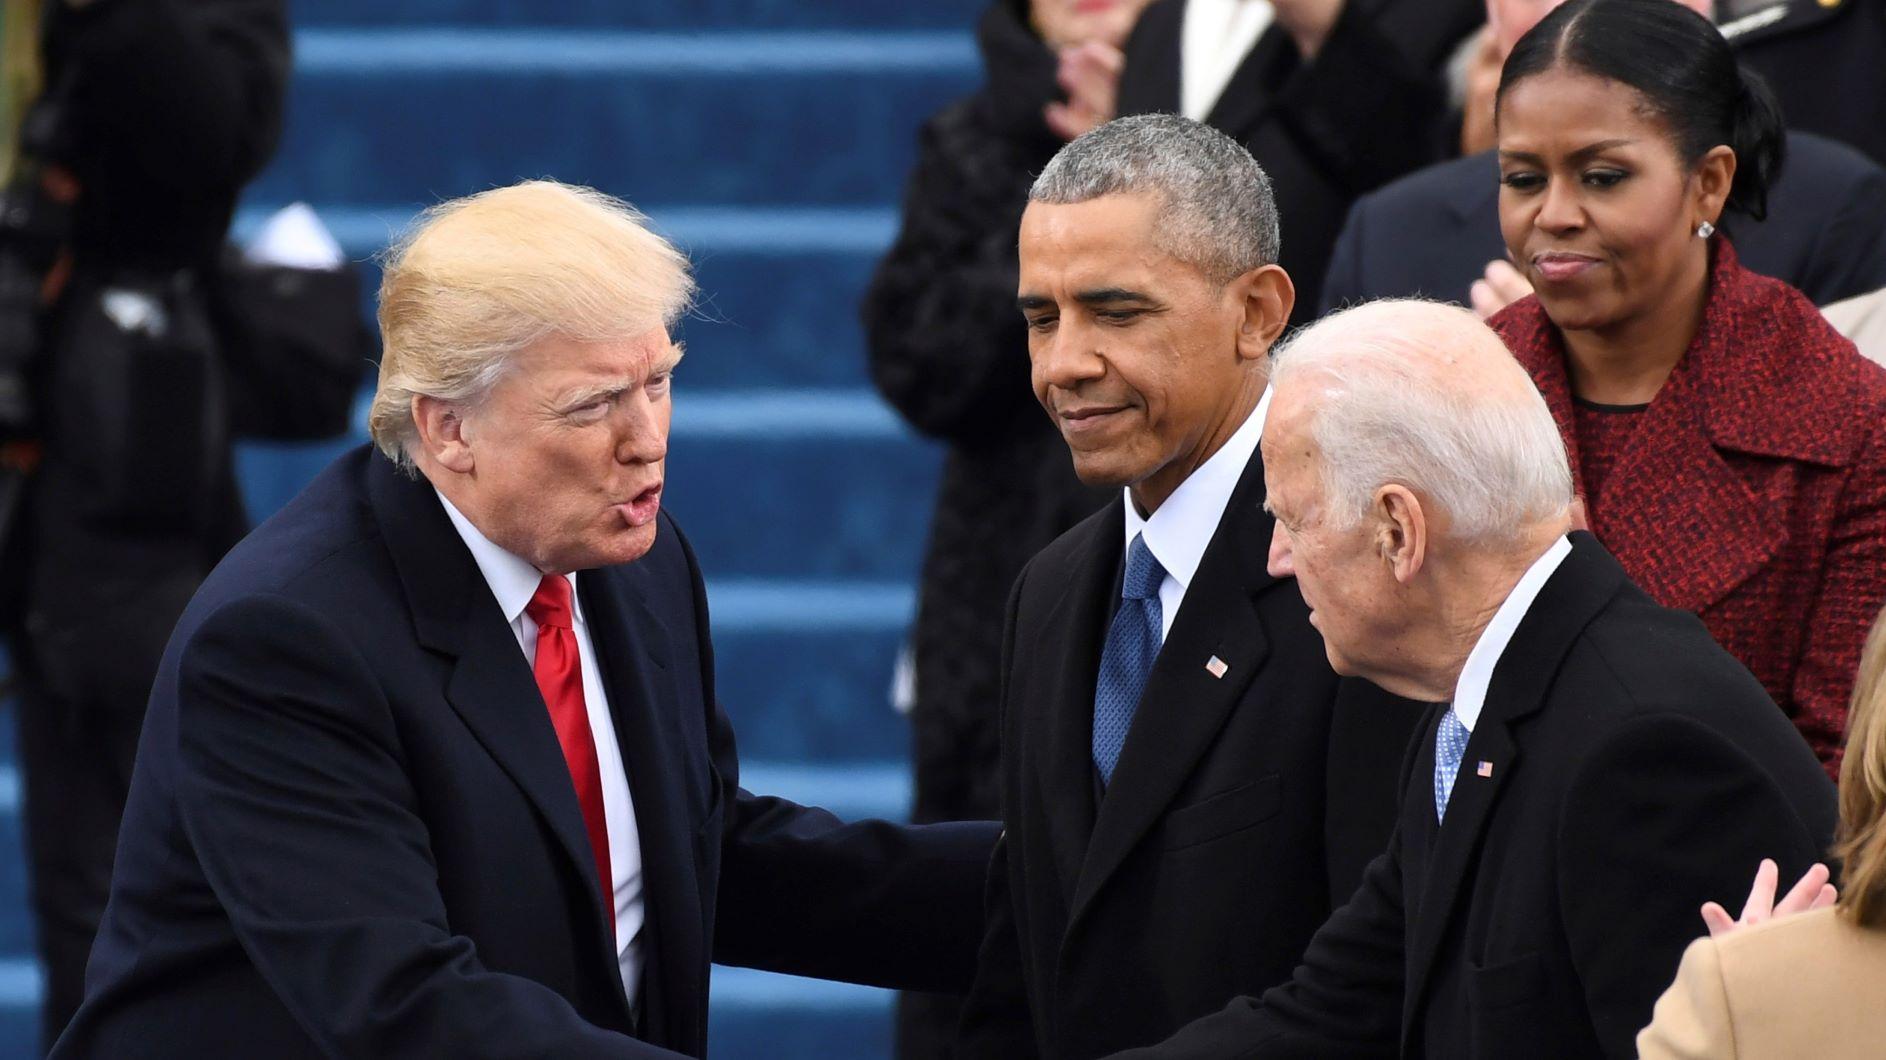 Trump,Biden,COVID-19